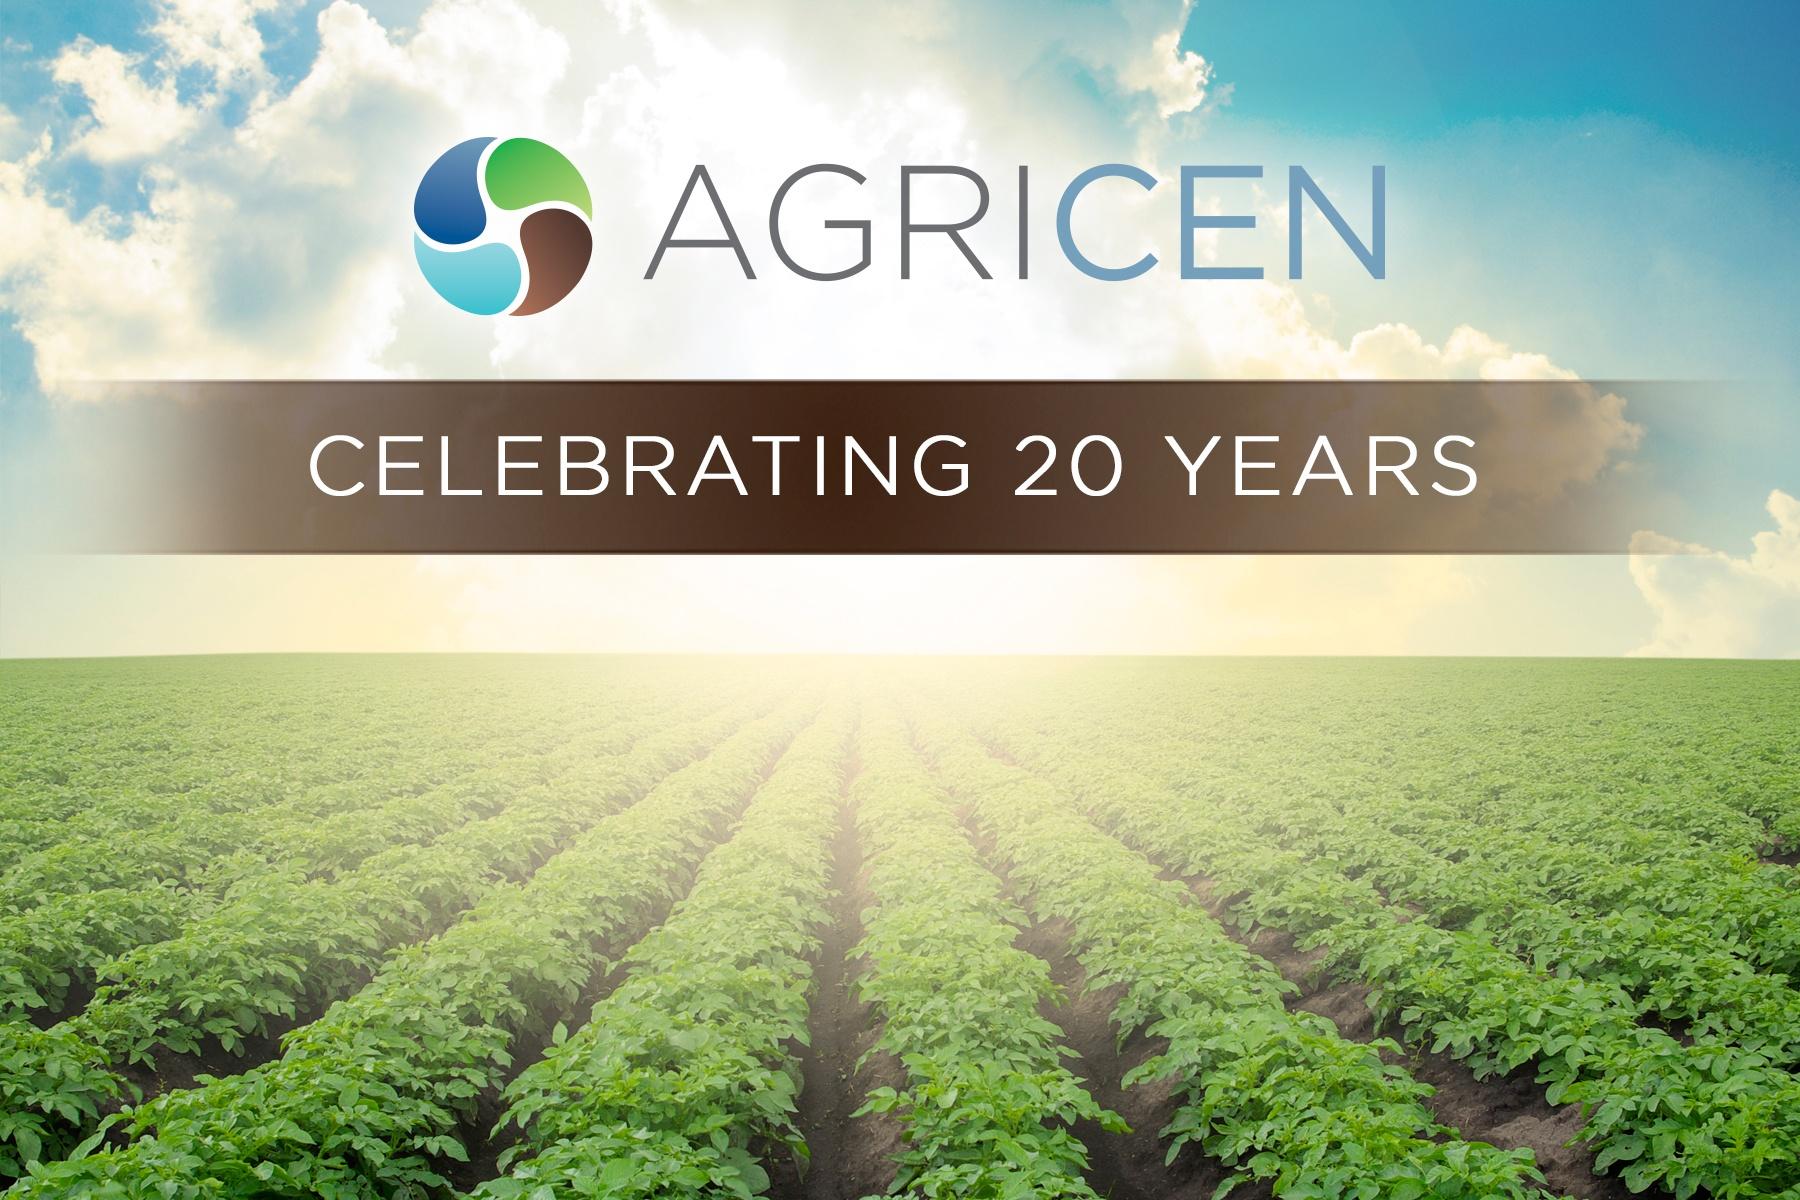 agricen-20-years-01